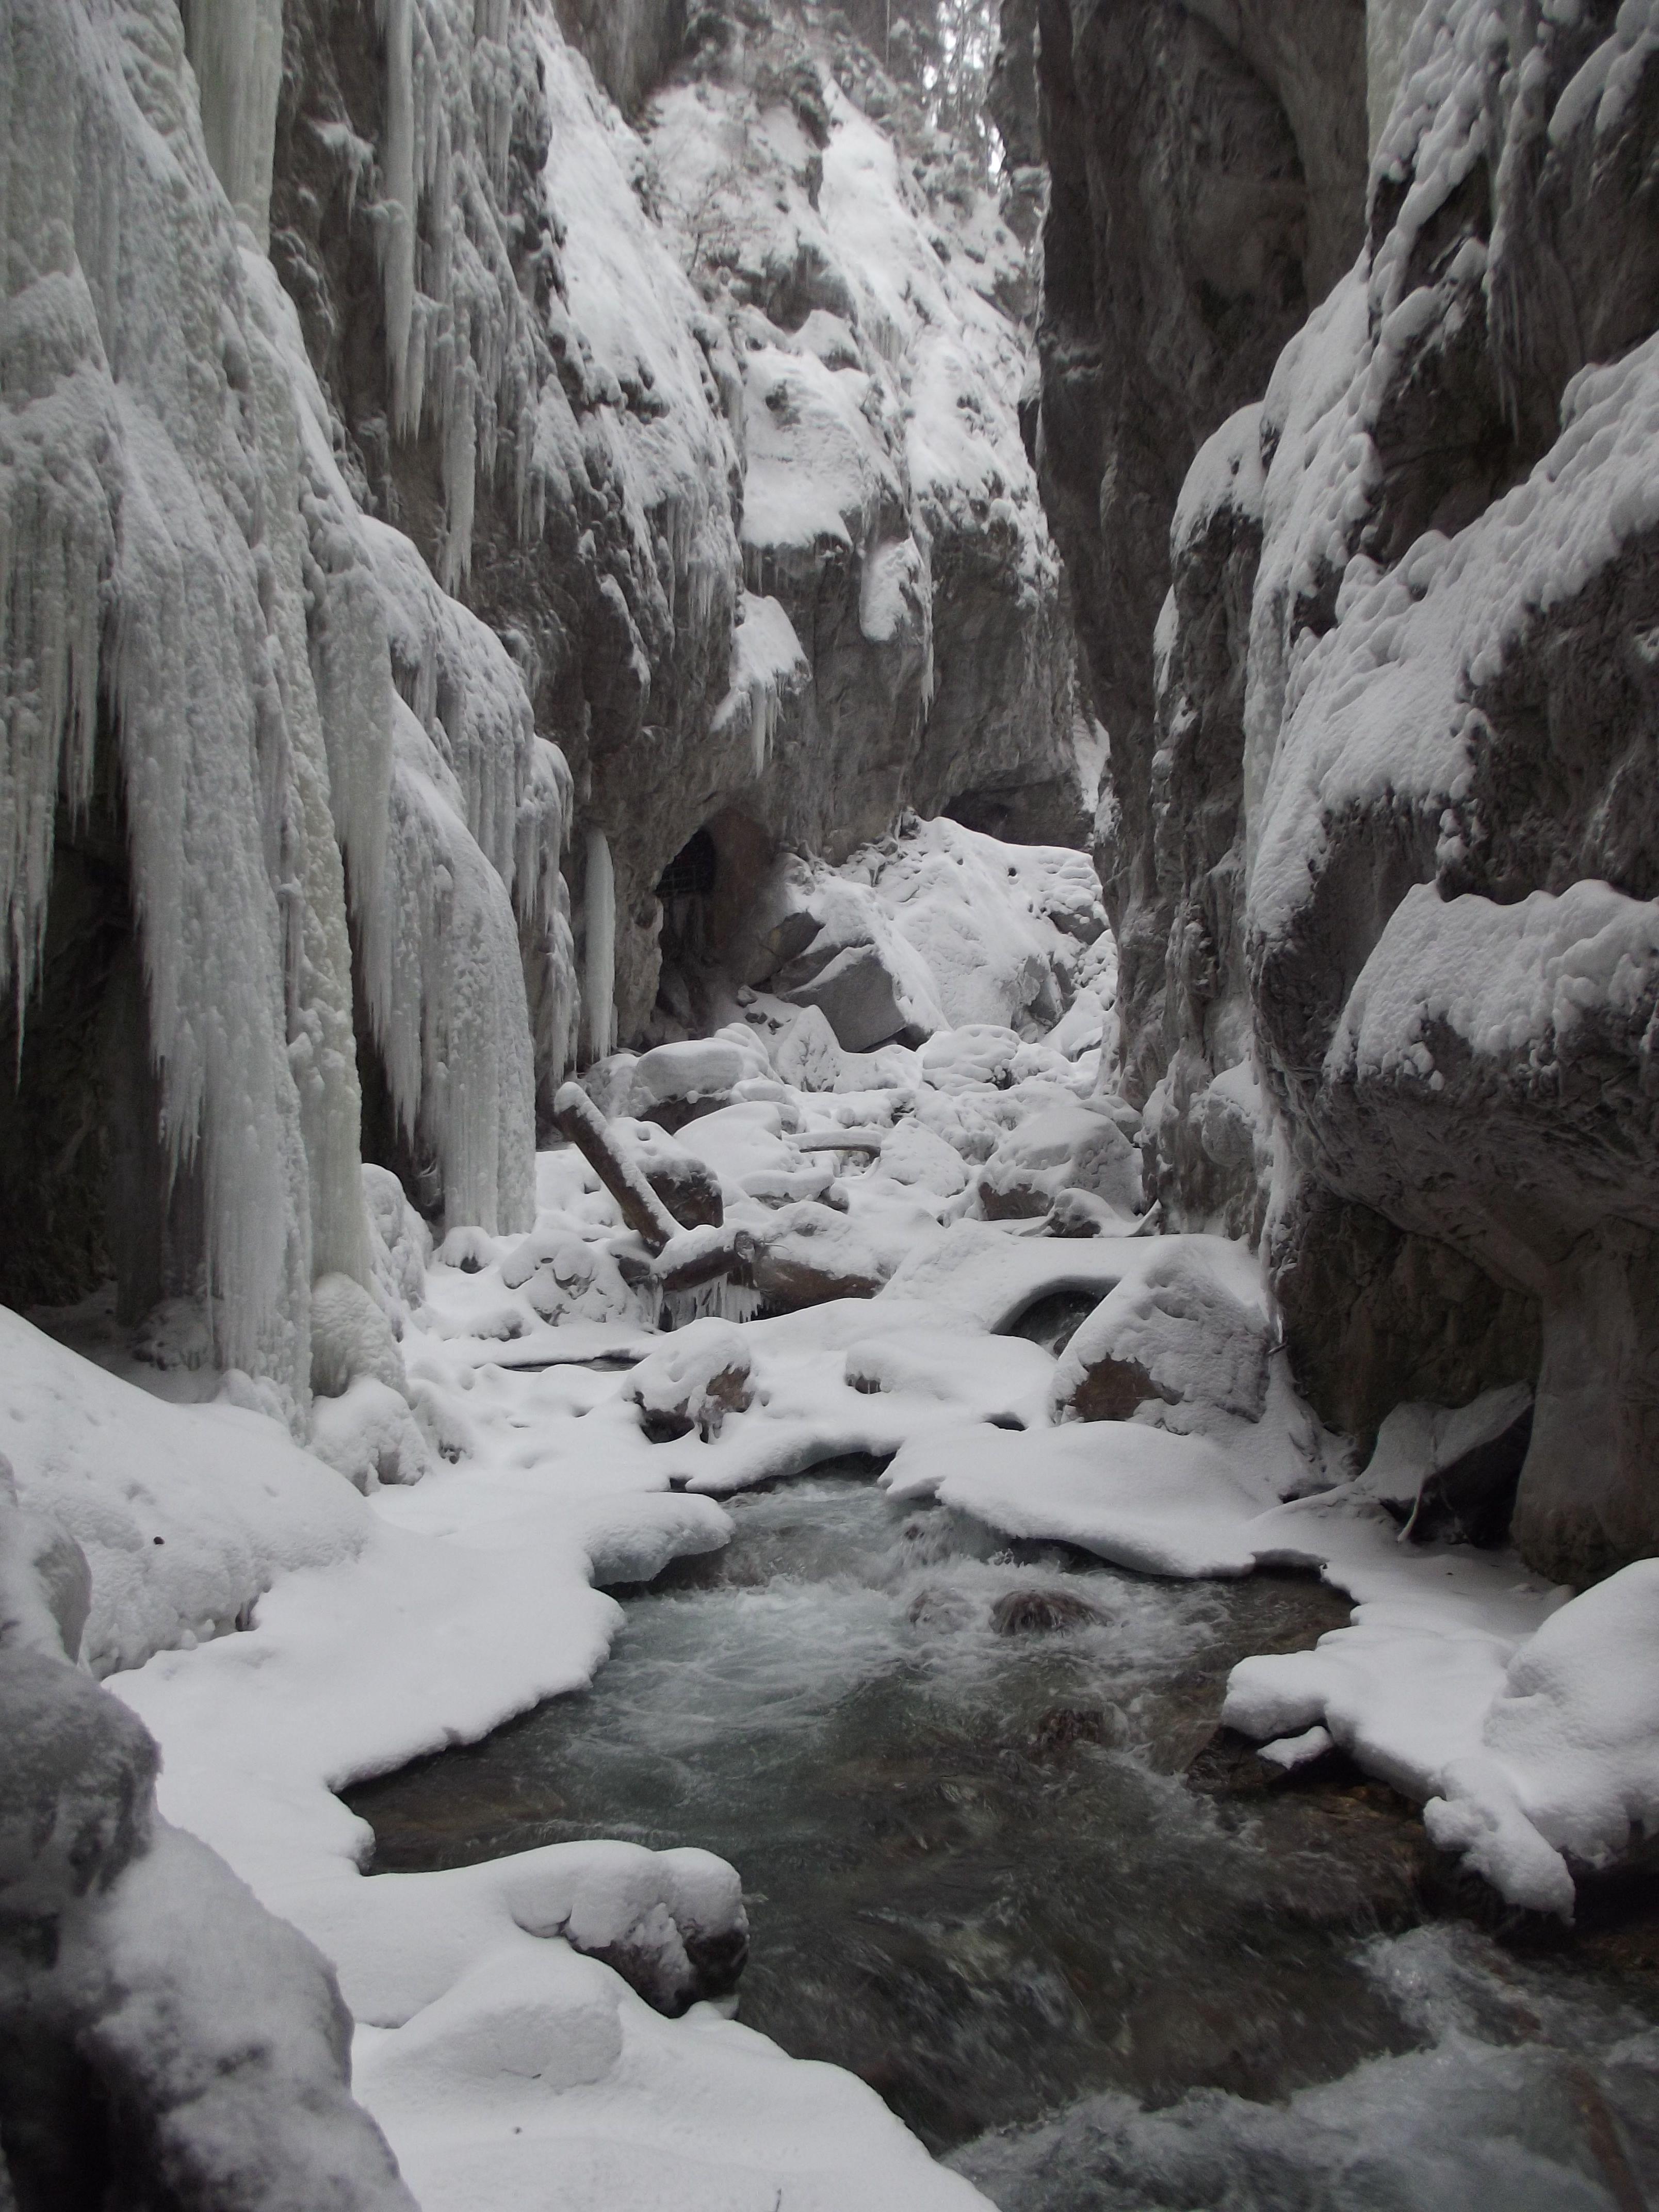 Partnach Gorge in Garmisch-Partenkirchen Germany